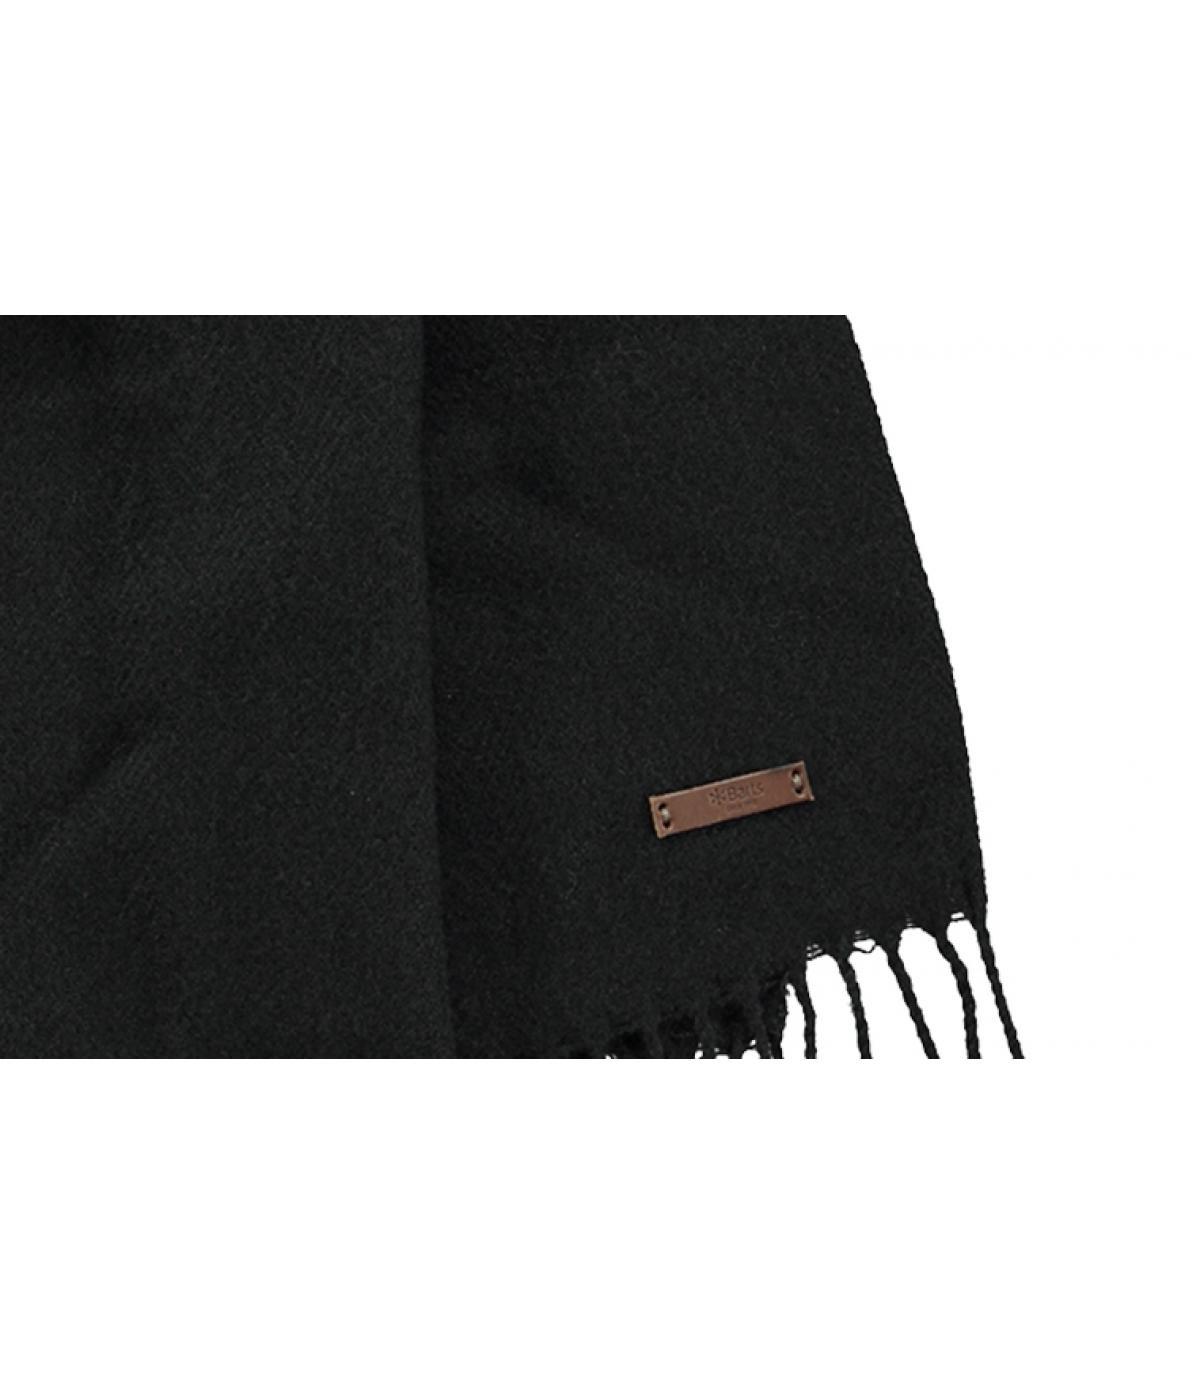 Détails Soho scarf black - image 2